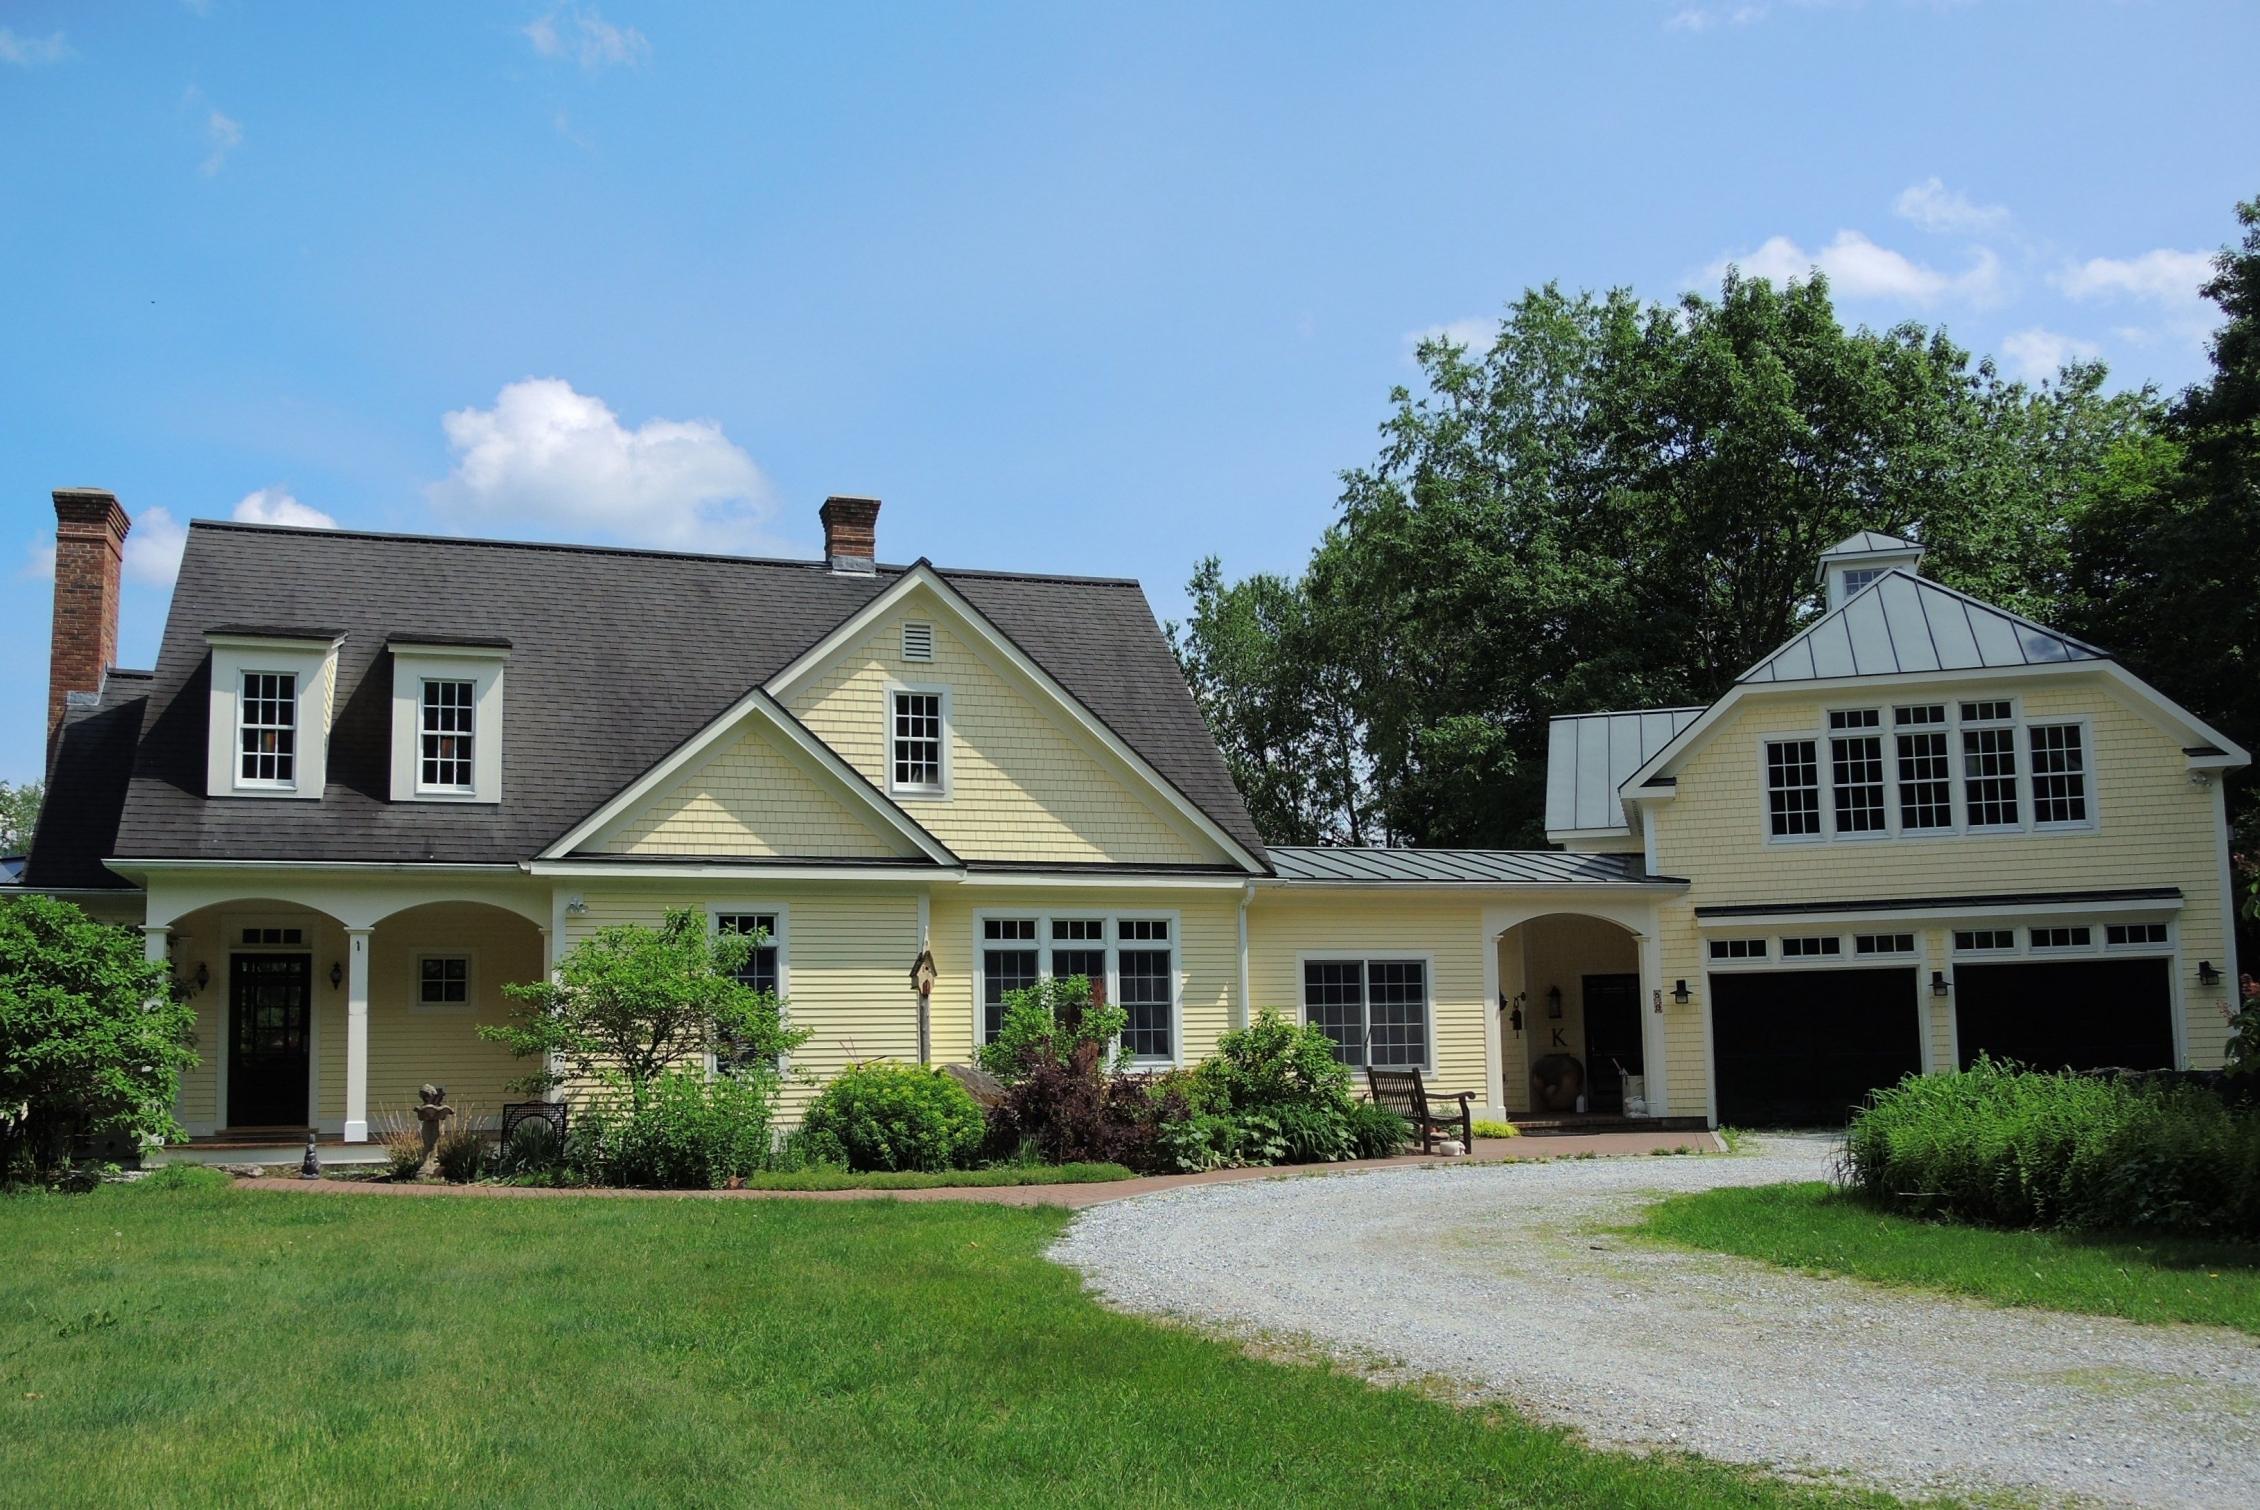 Maison unifamiliale pour l Vente à Custom Built in 2001 58 Middle Rd Chittenden, Vermont 05763 États-Unis